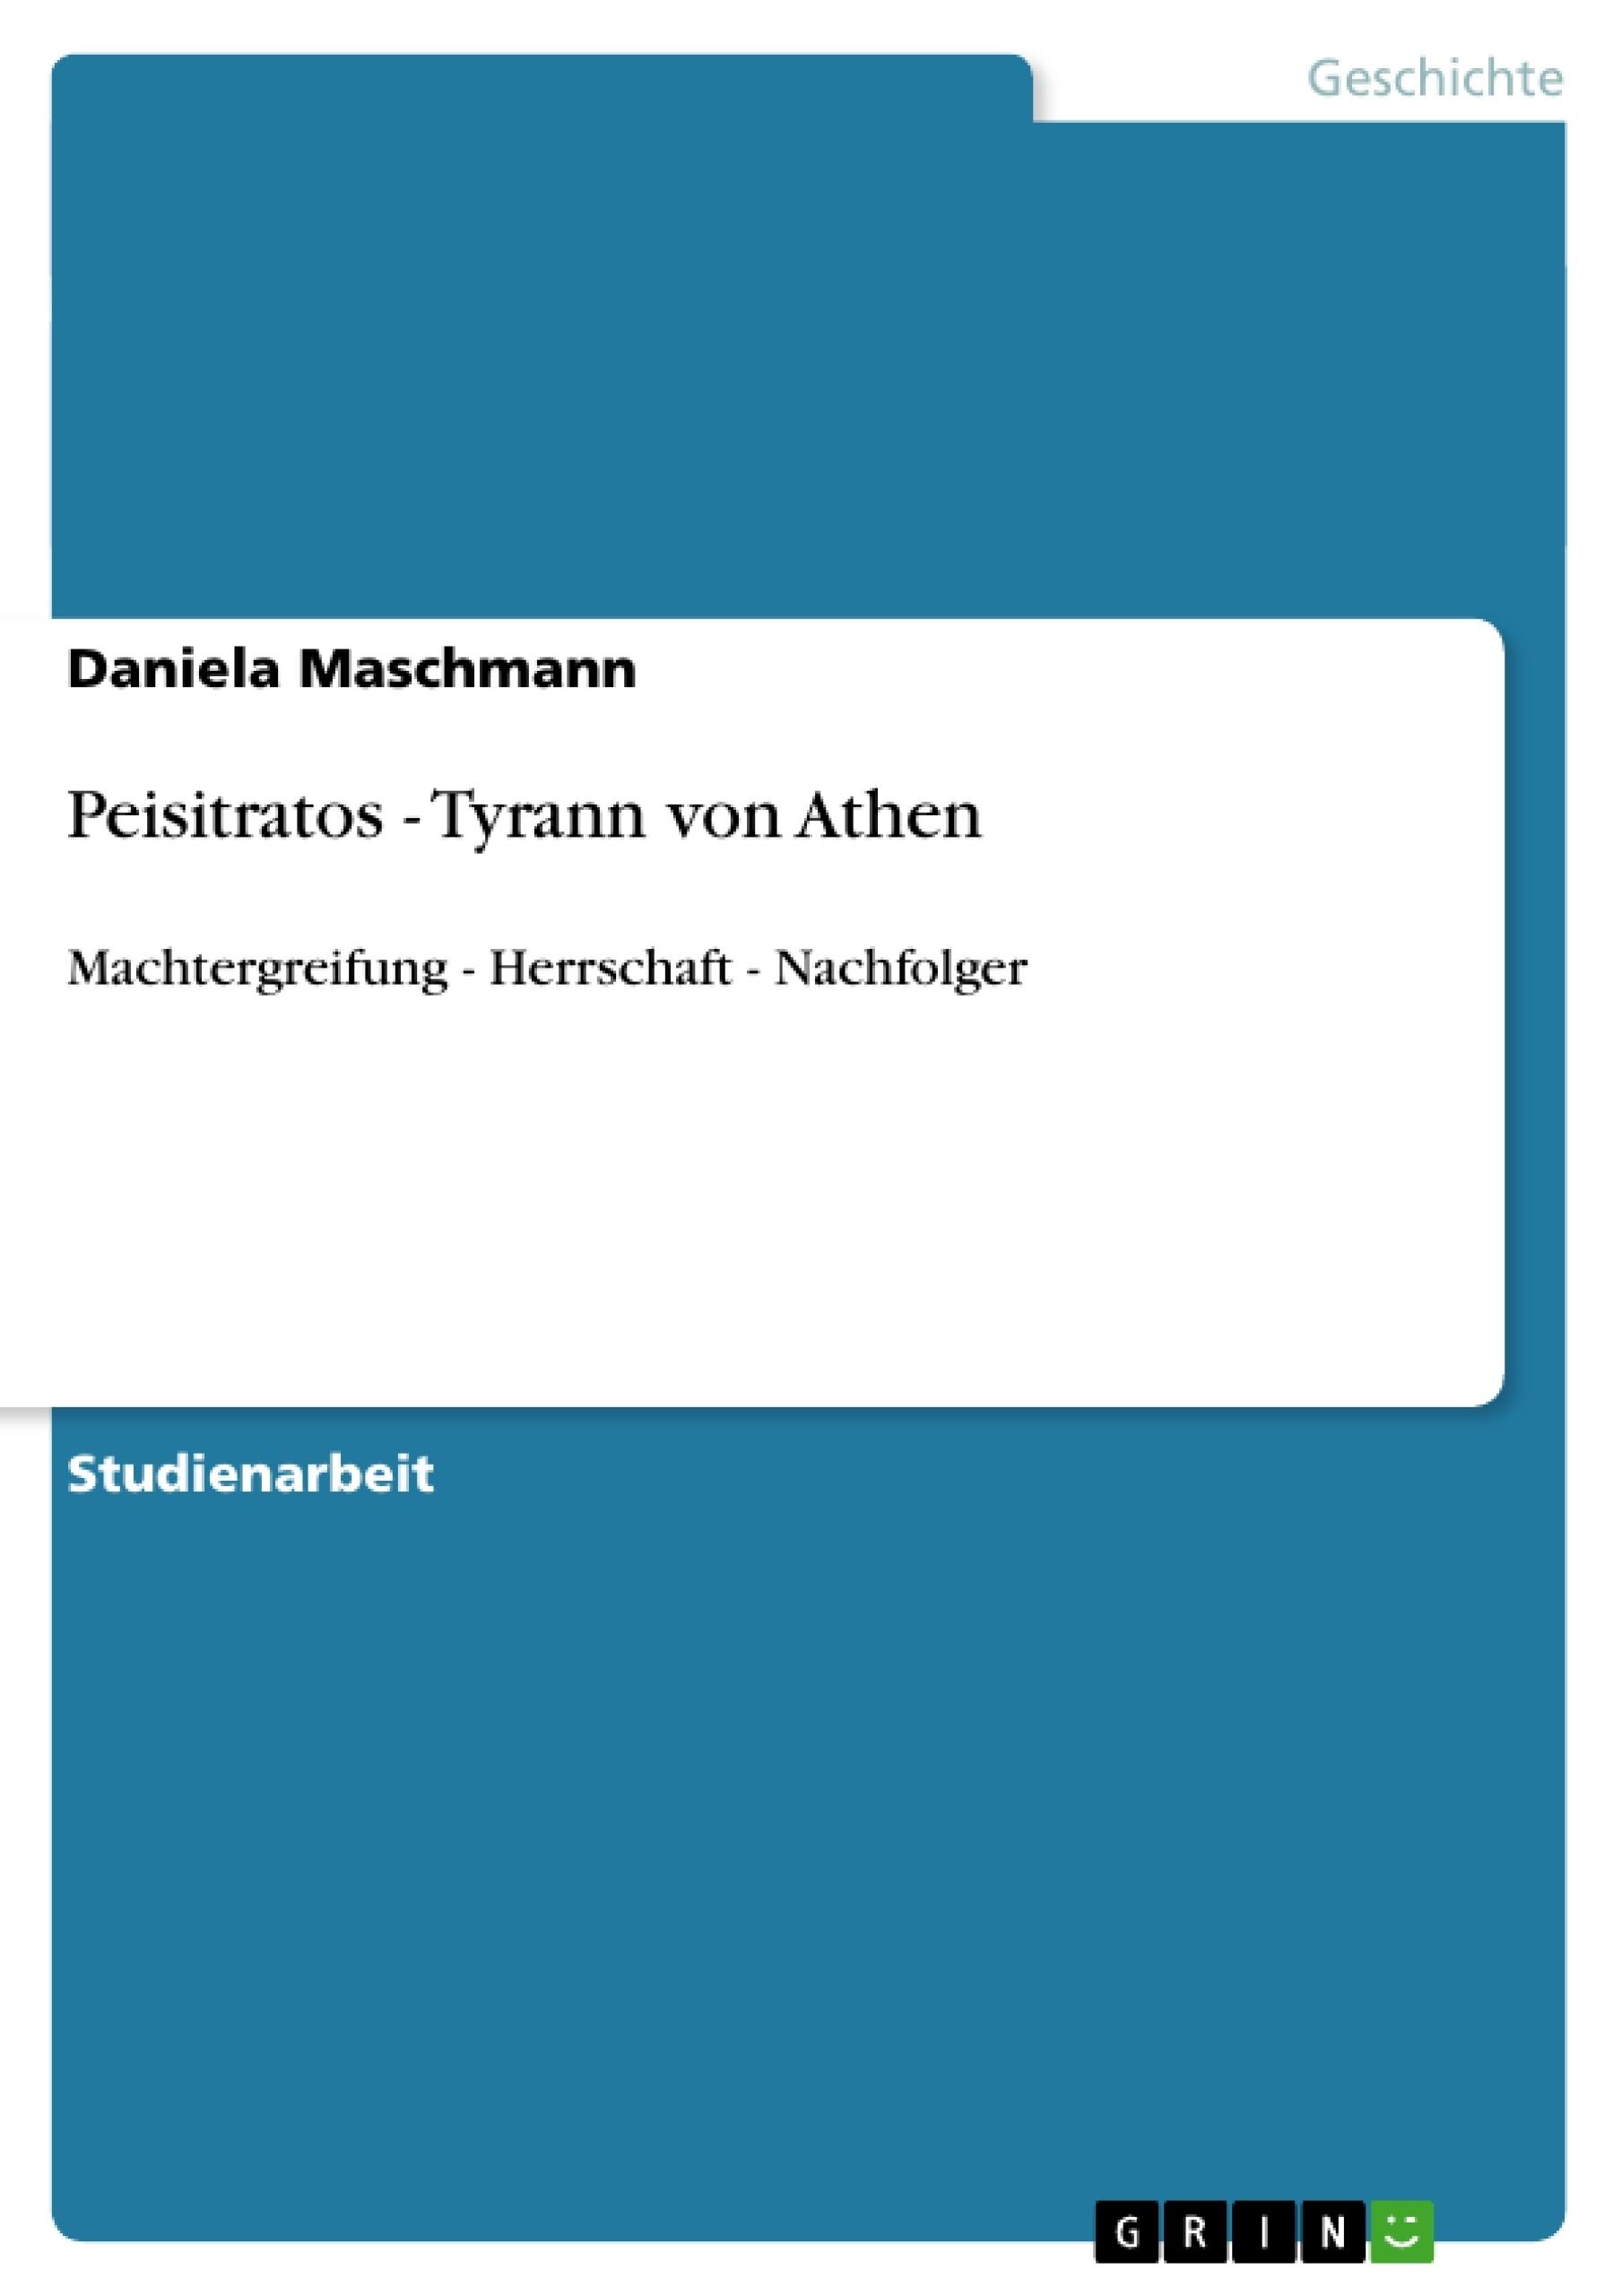 Titel: Peisitratos - Tyrann von Athen